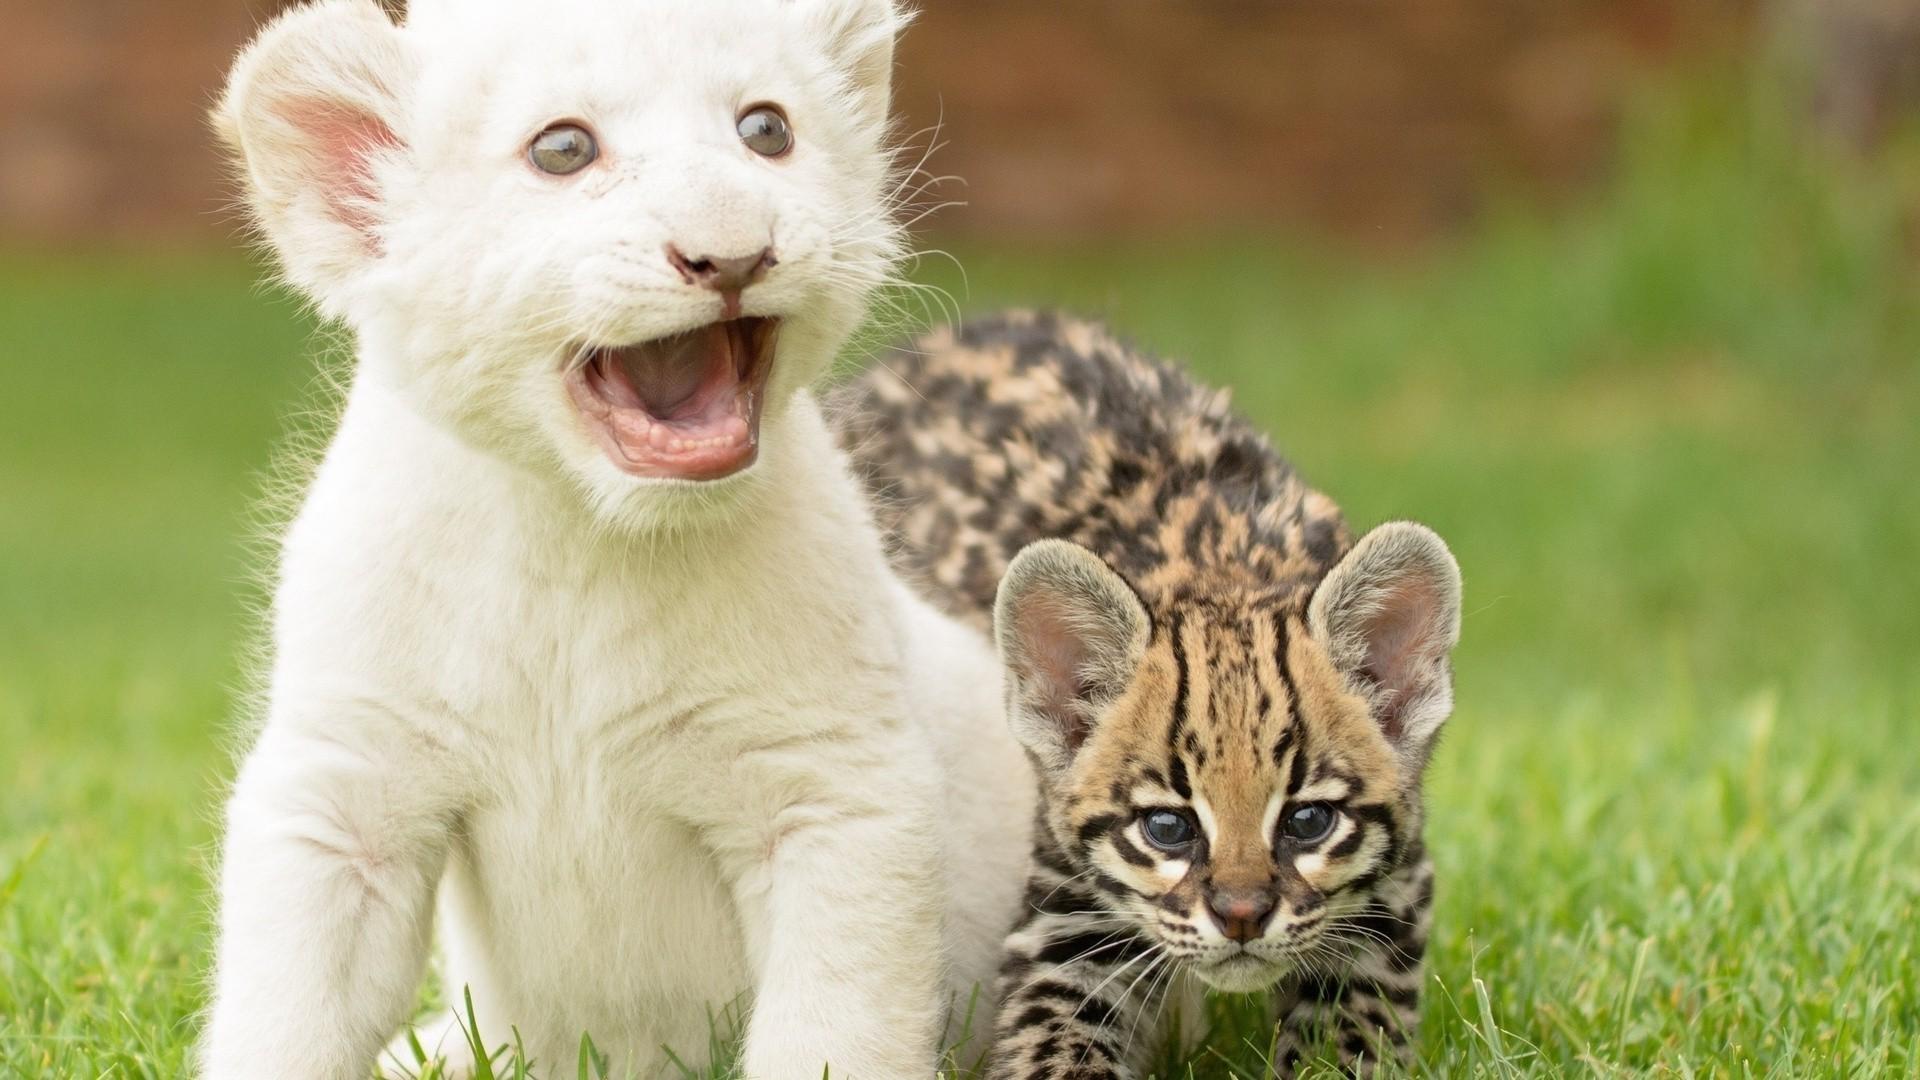 Смешные милые картинки с животными